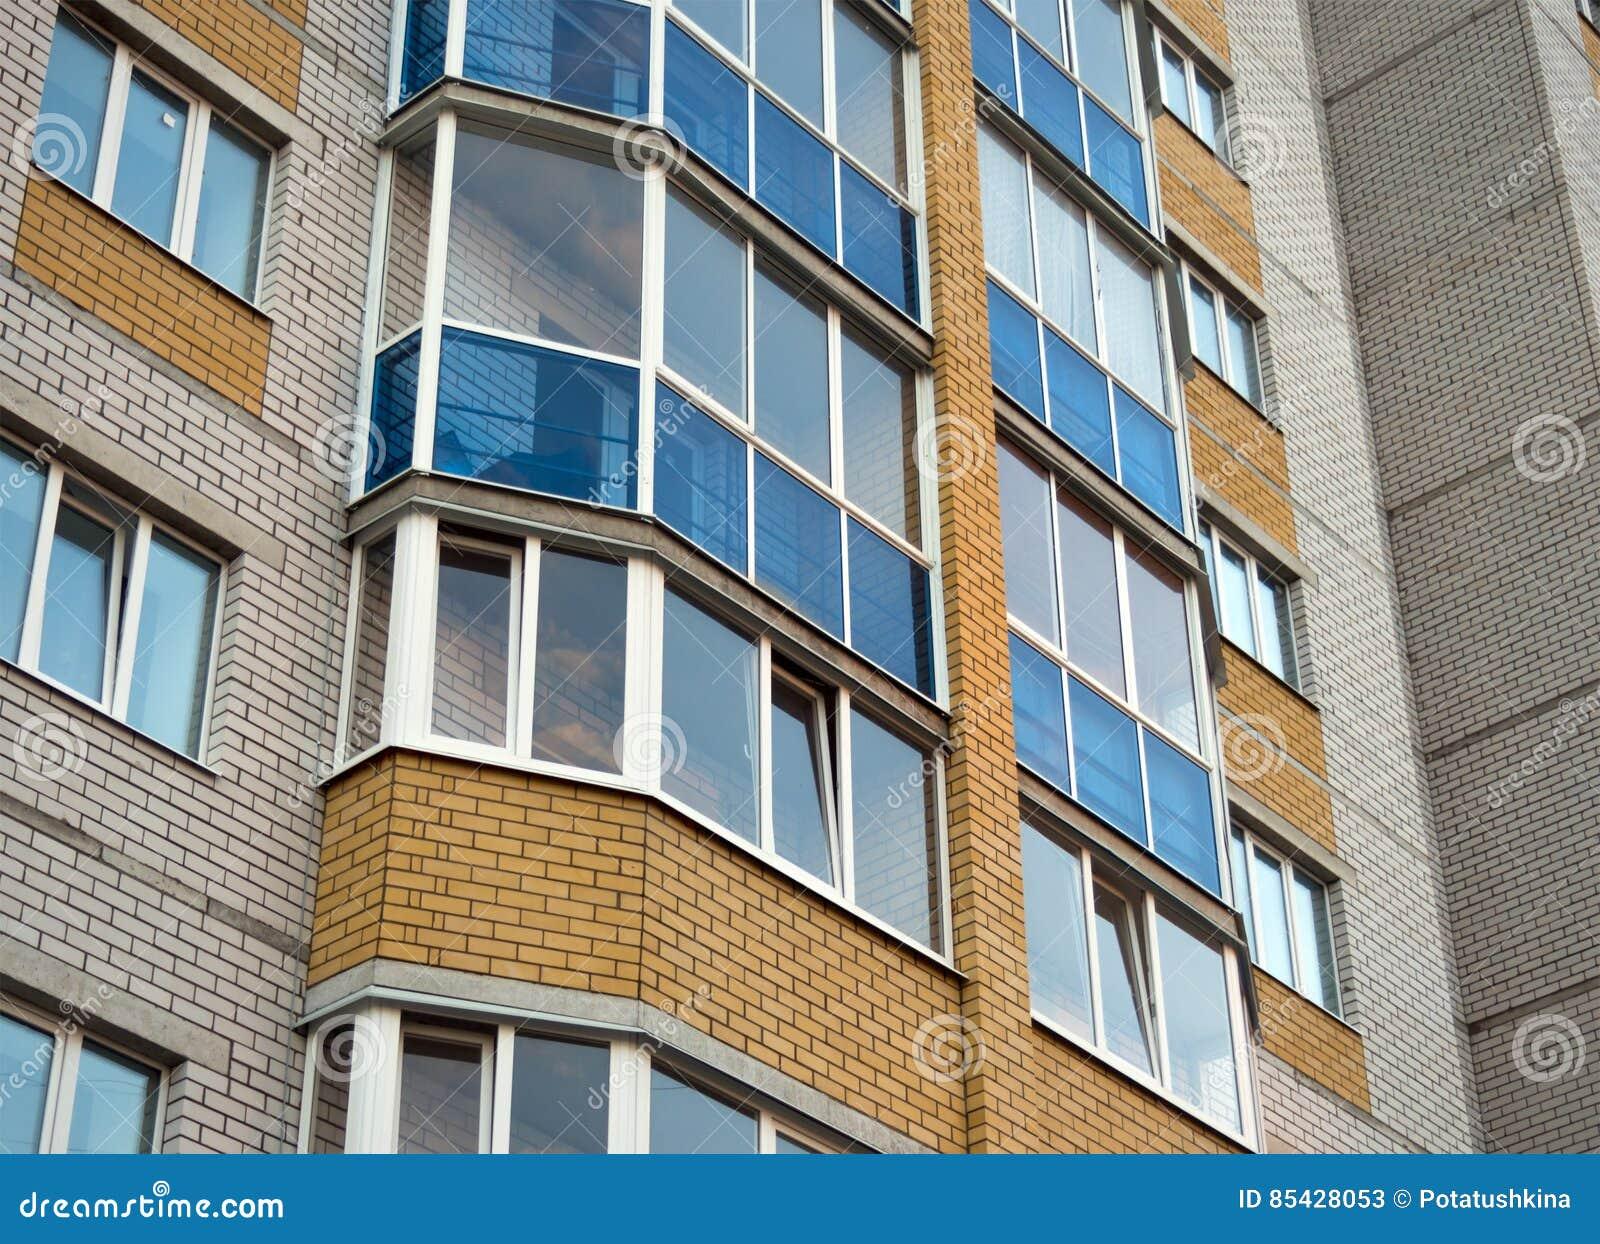 Dettaglio della facciata della casa con mattoni a vista for Architettura moderna della casa